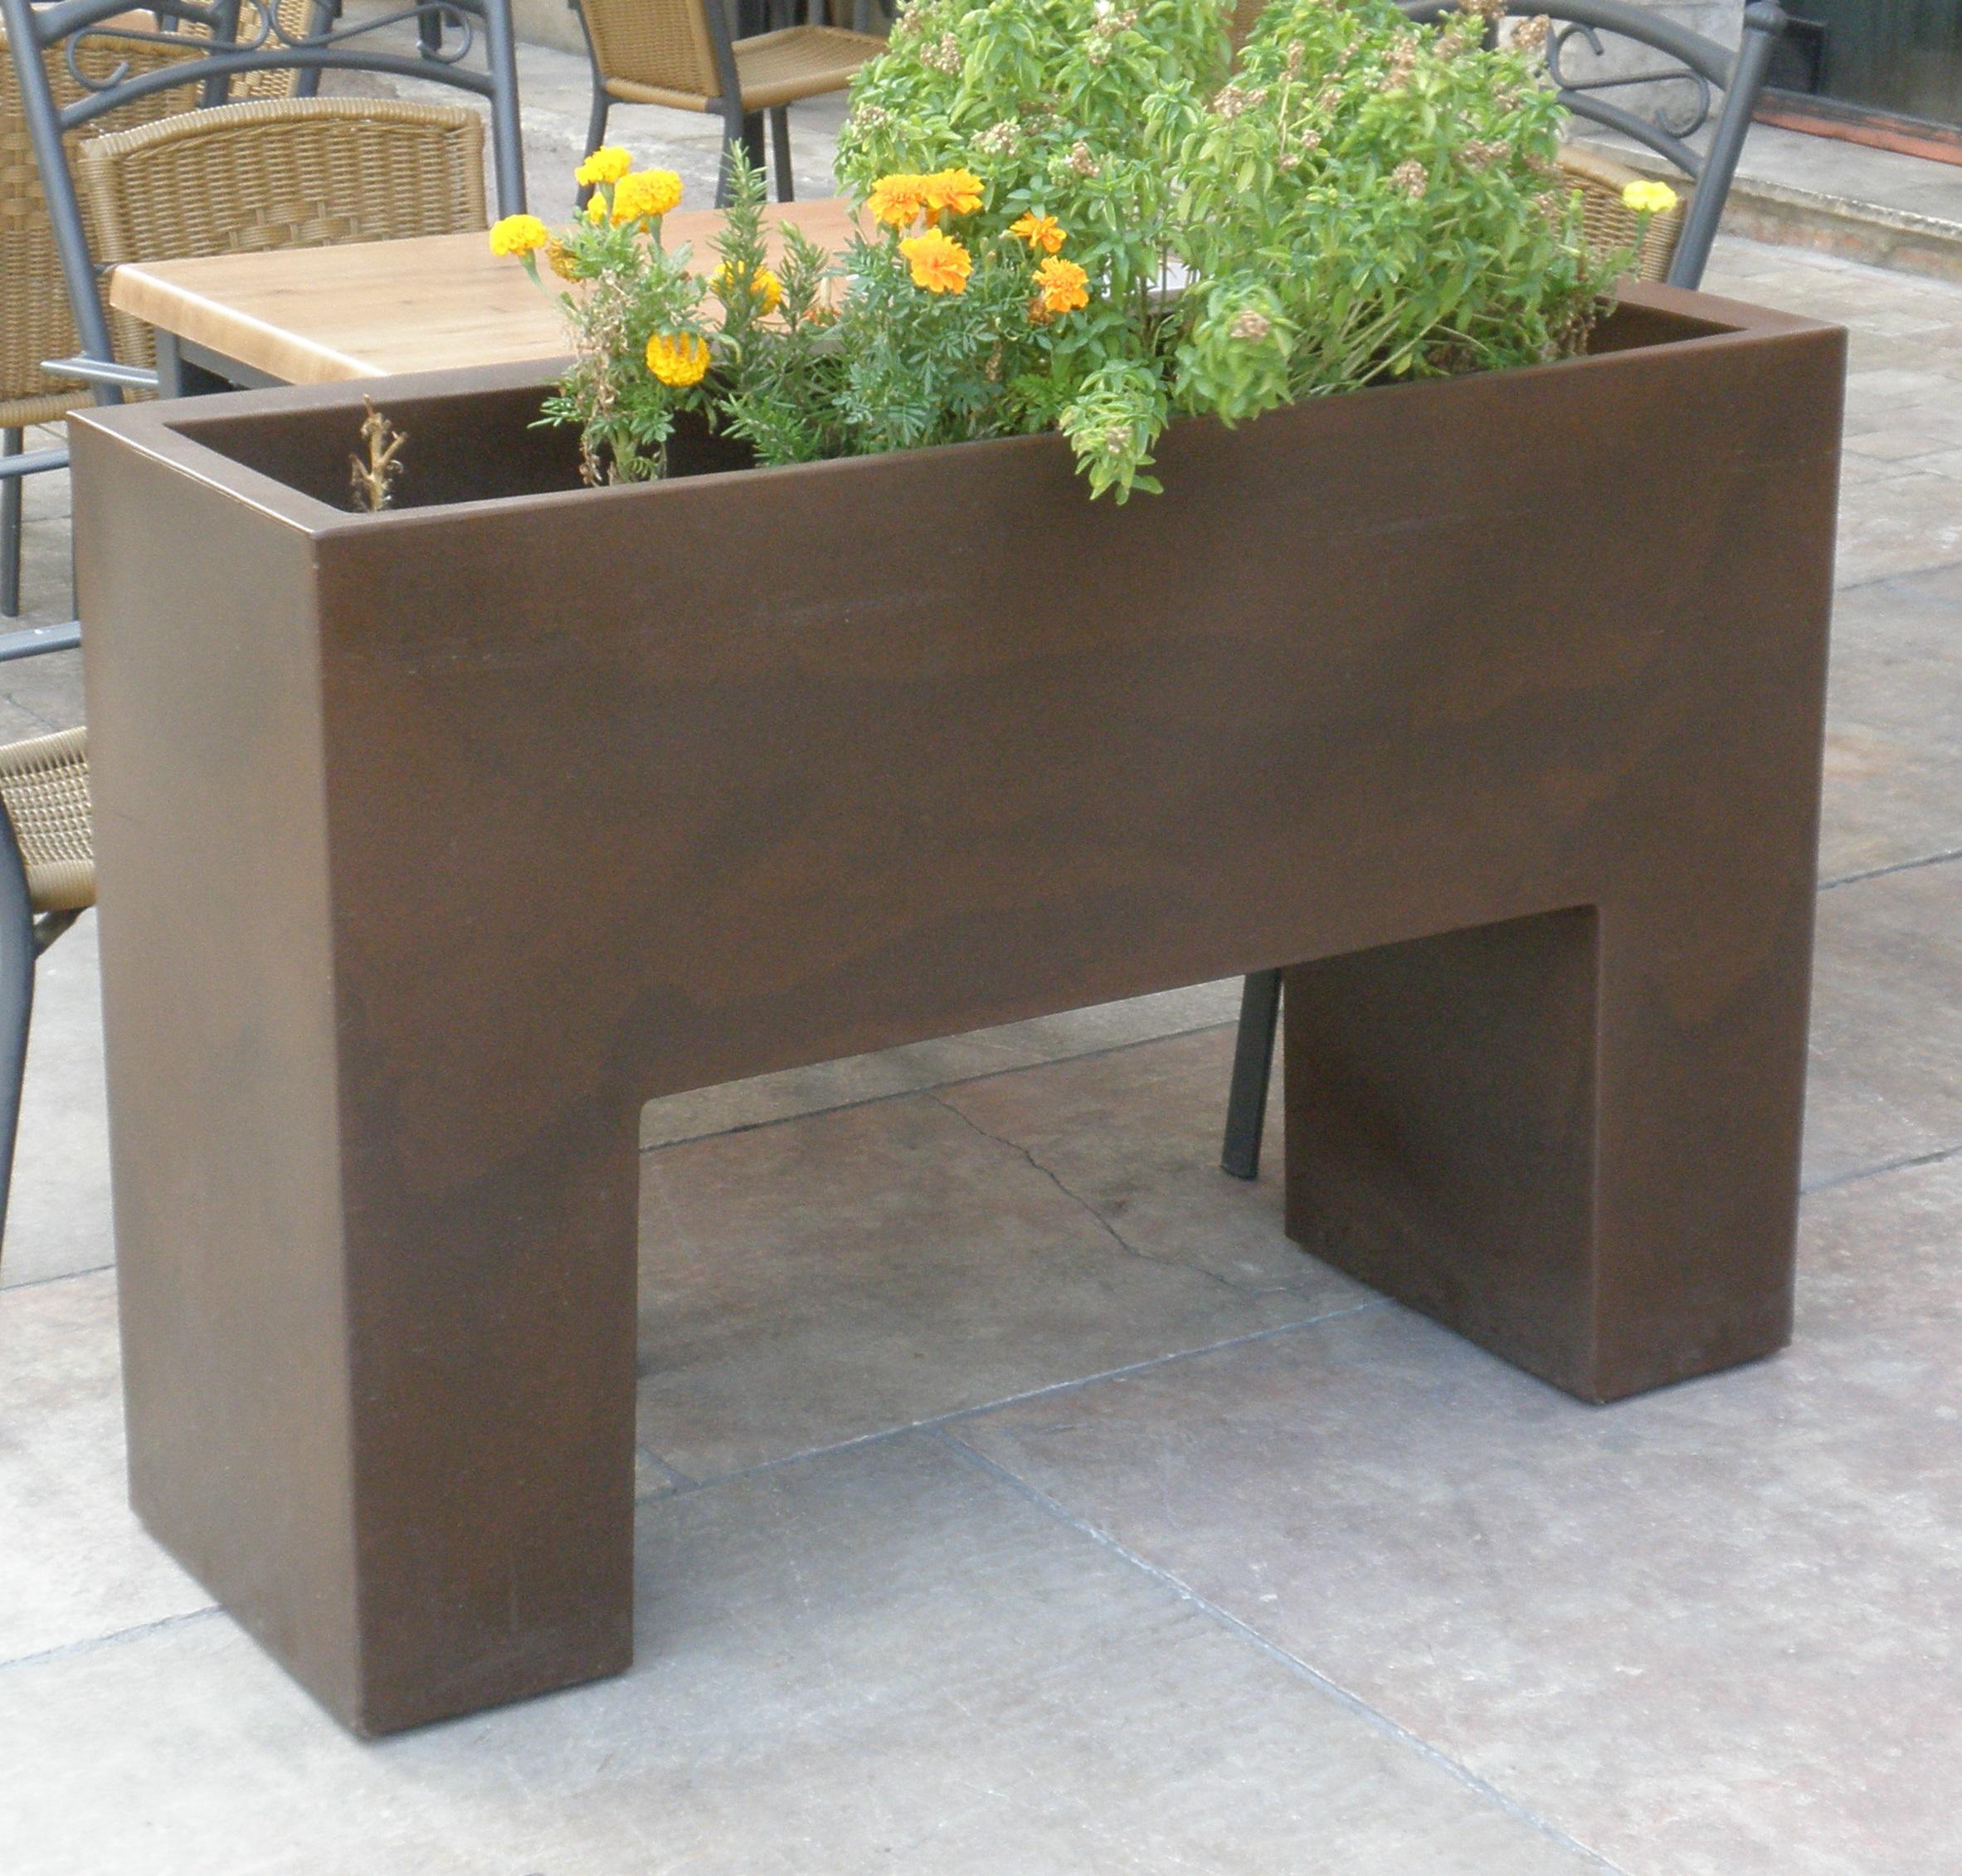 Jardinera mobiliario urbano cysunor jardineras for By h mobiliario